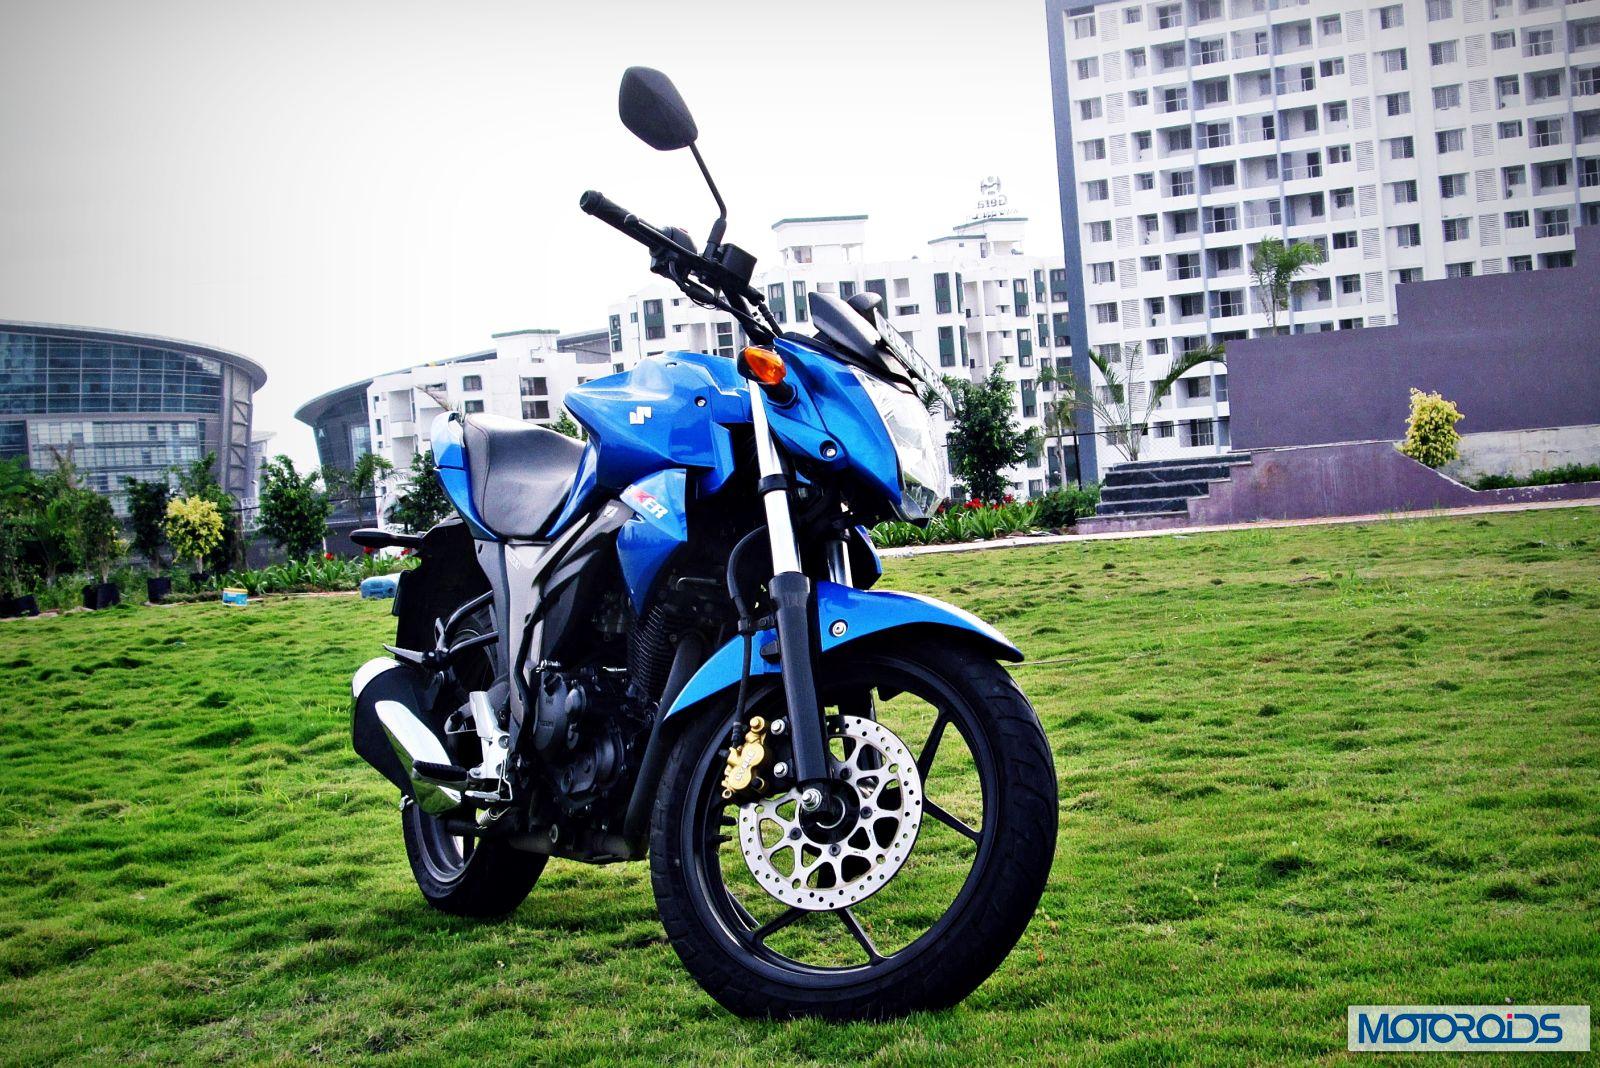 Suzuki-Gixxer-155-Review-Image (17)